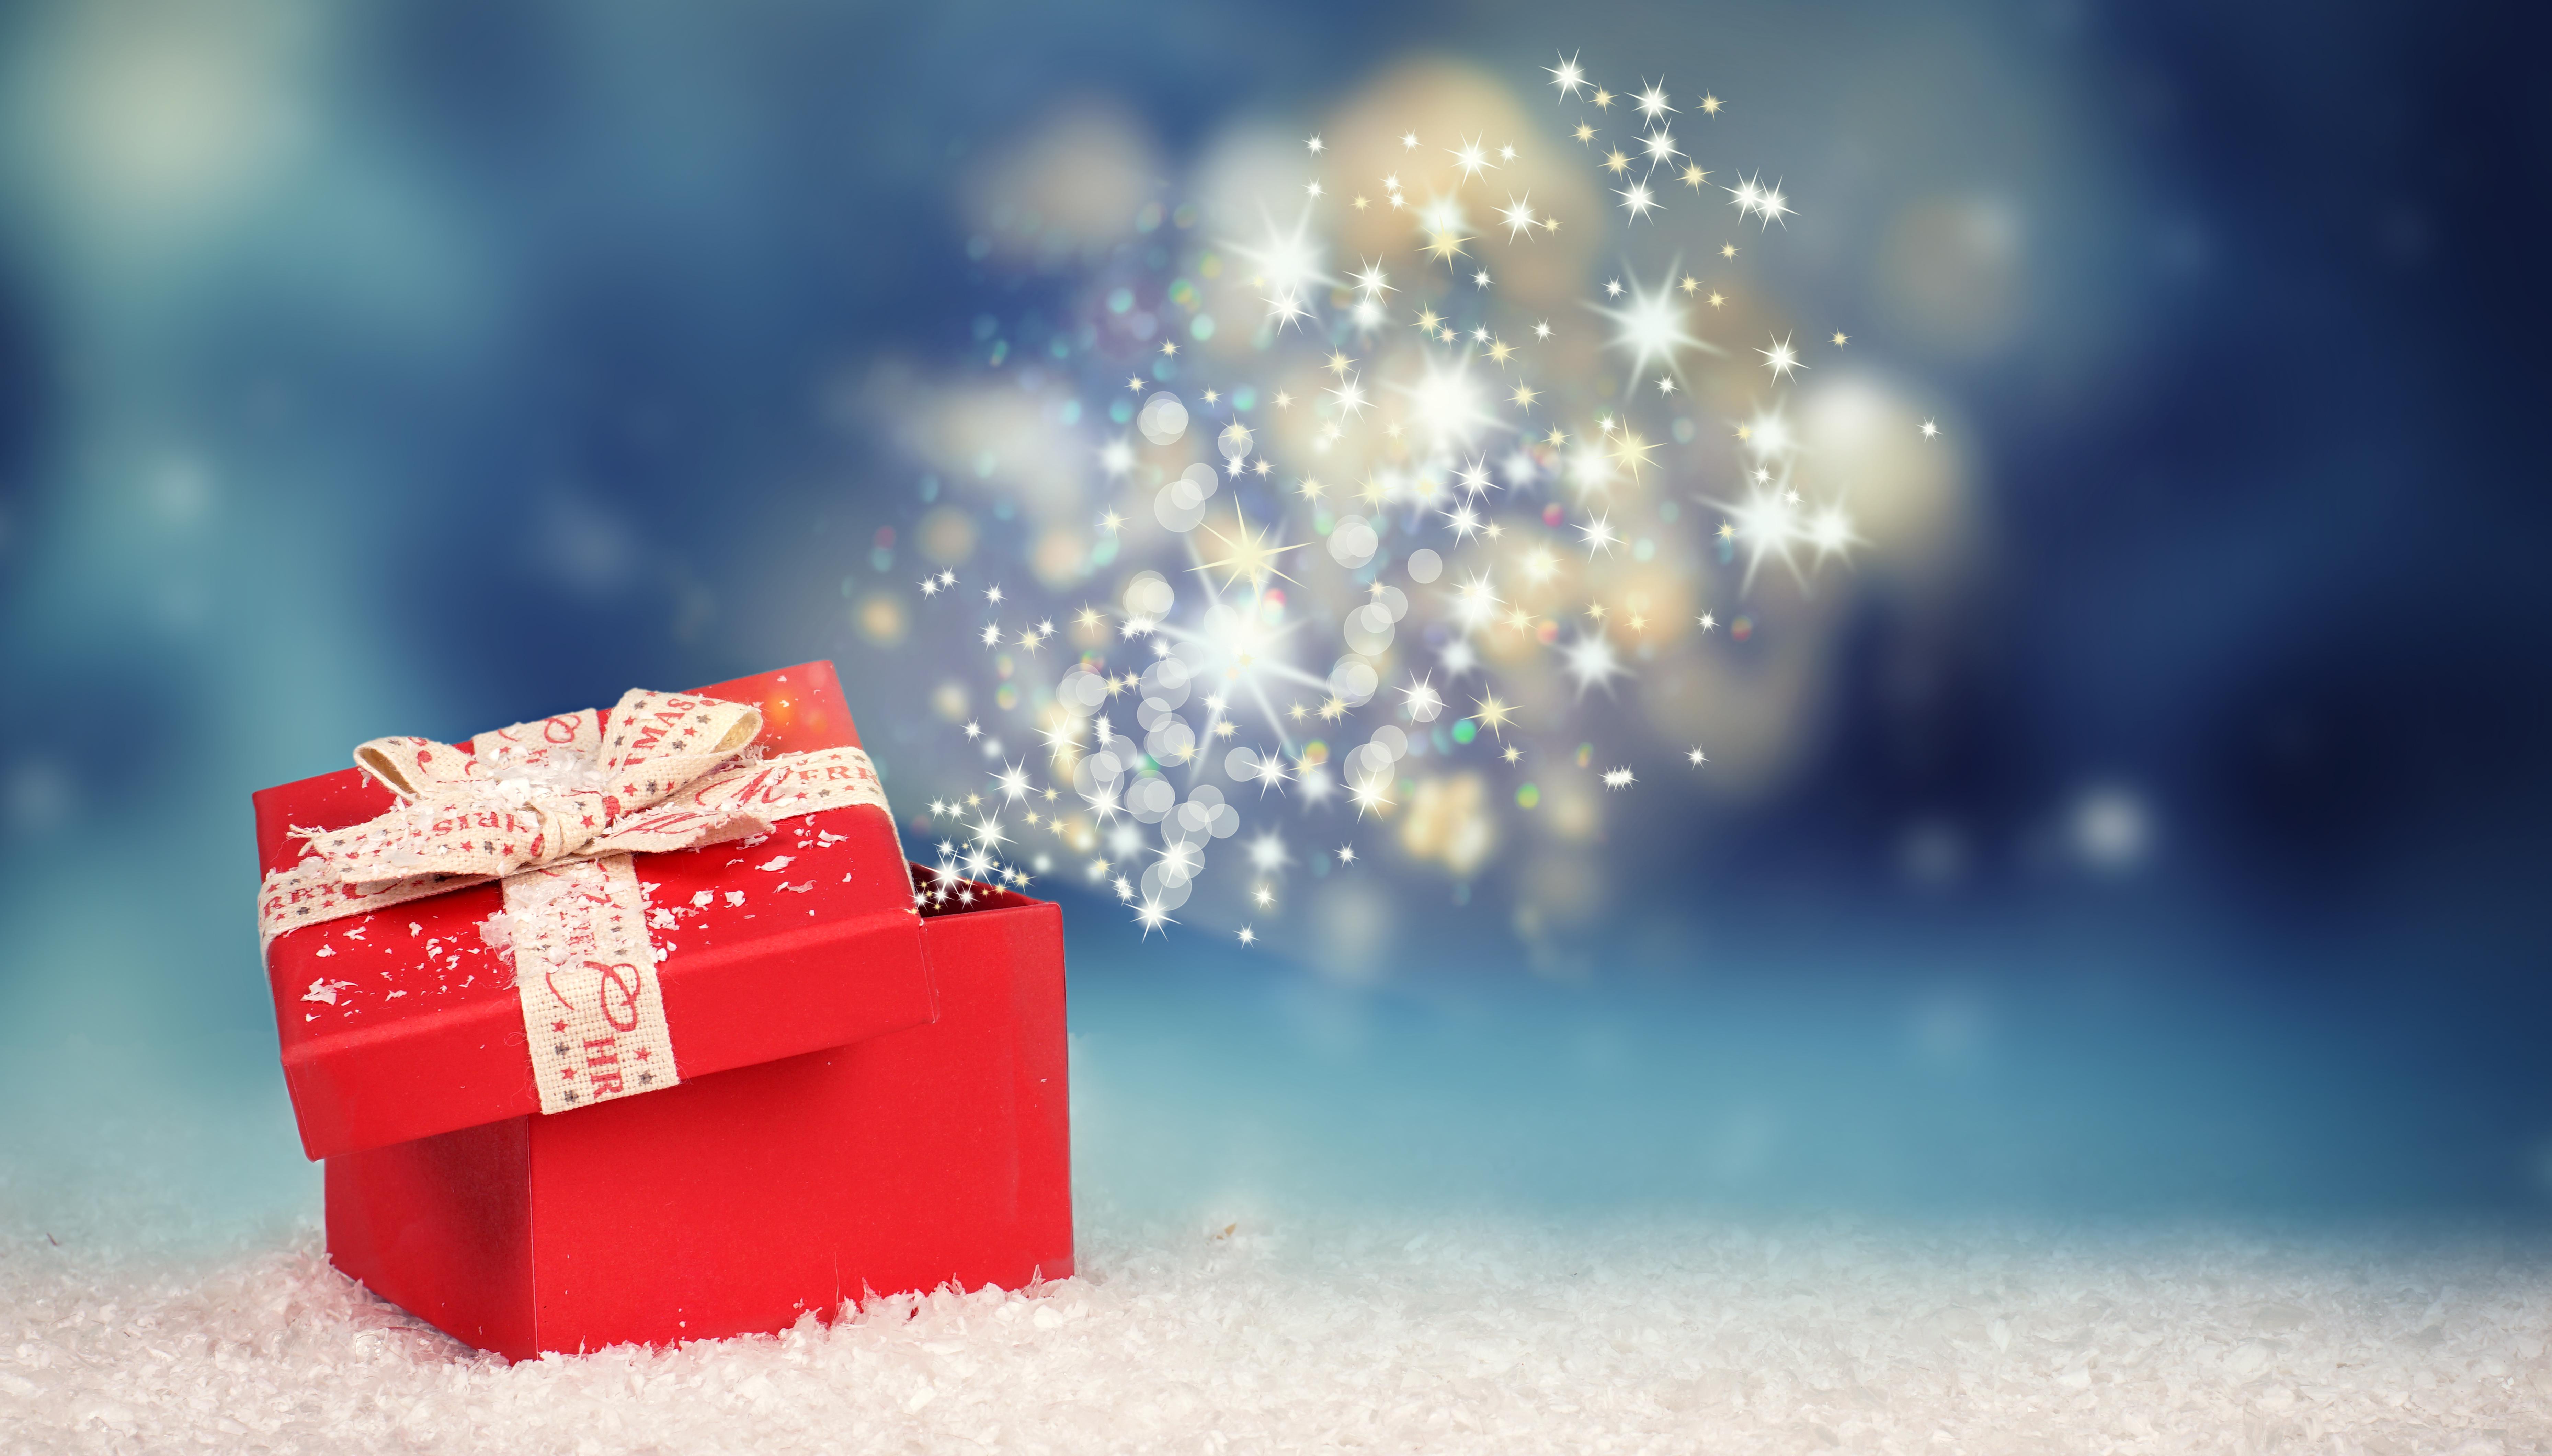 Weihnachtsberraschung - leuchtendes Weihnachtsgeschenk